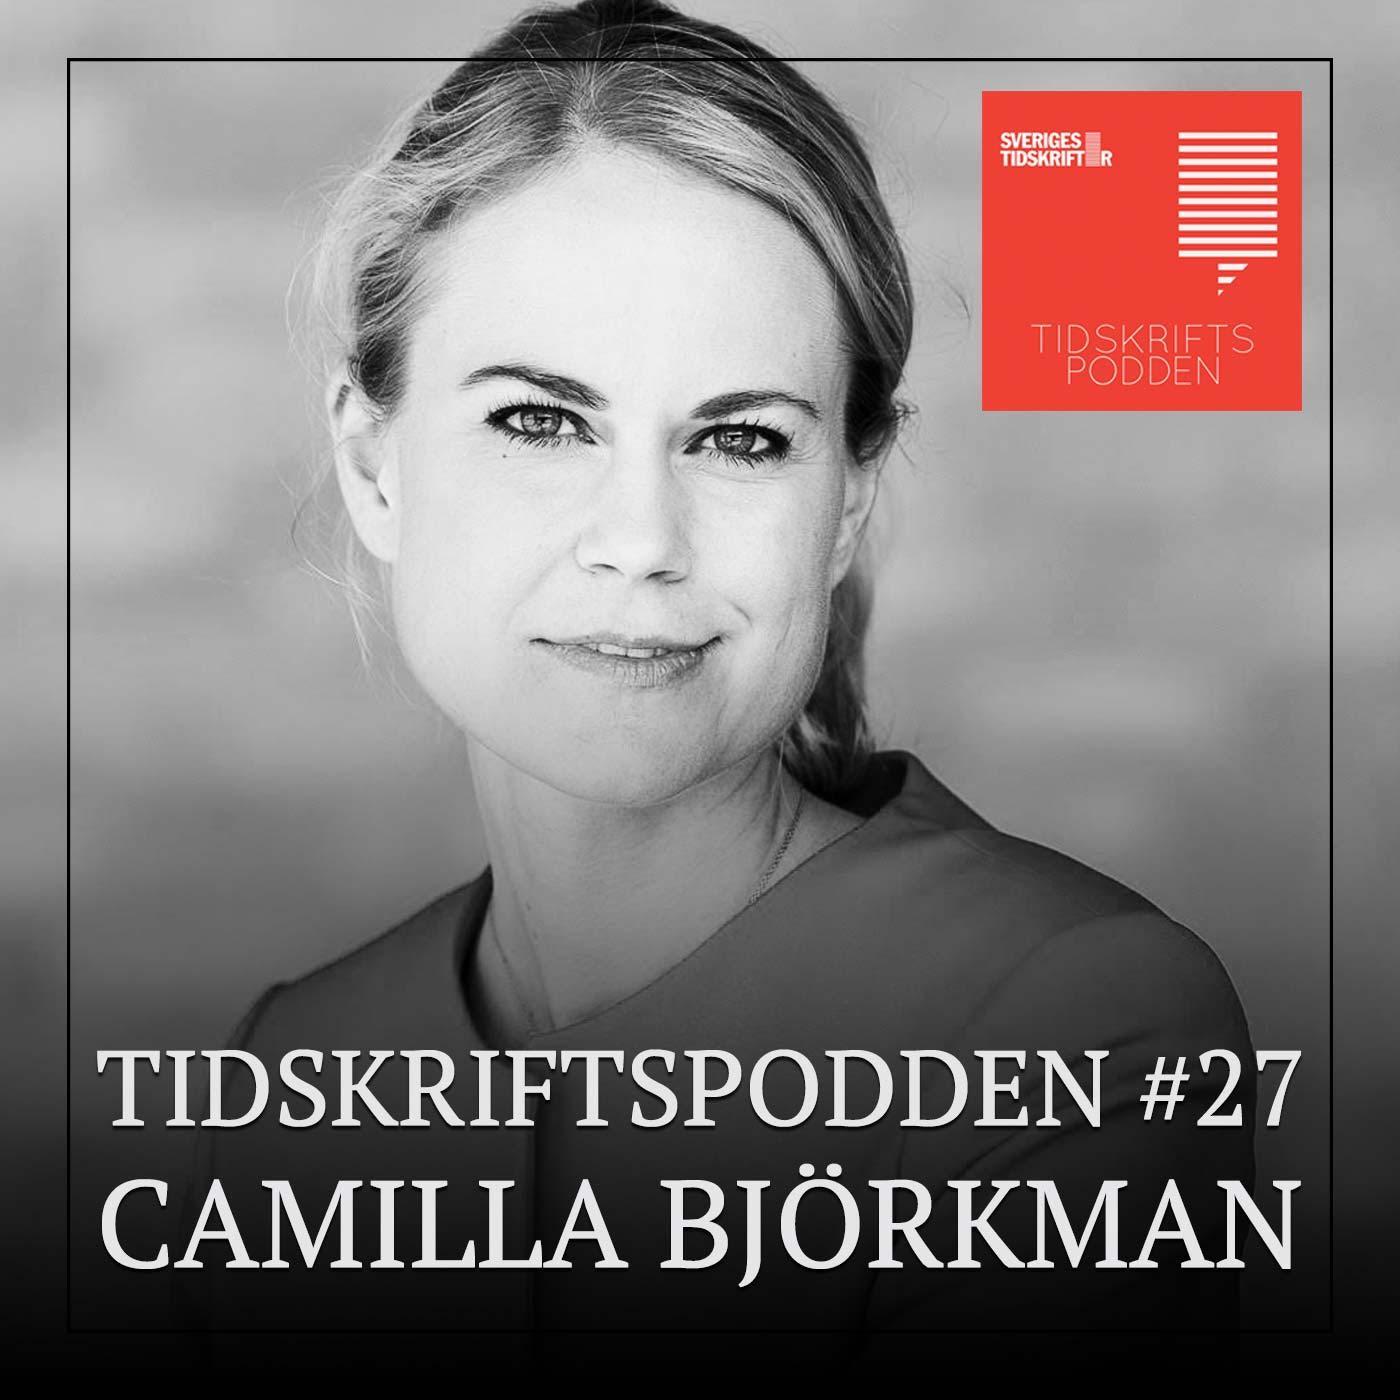 Camilla Björkman, Tidskriftspodden